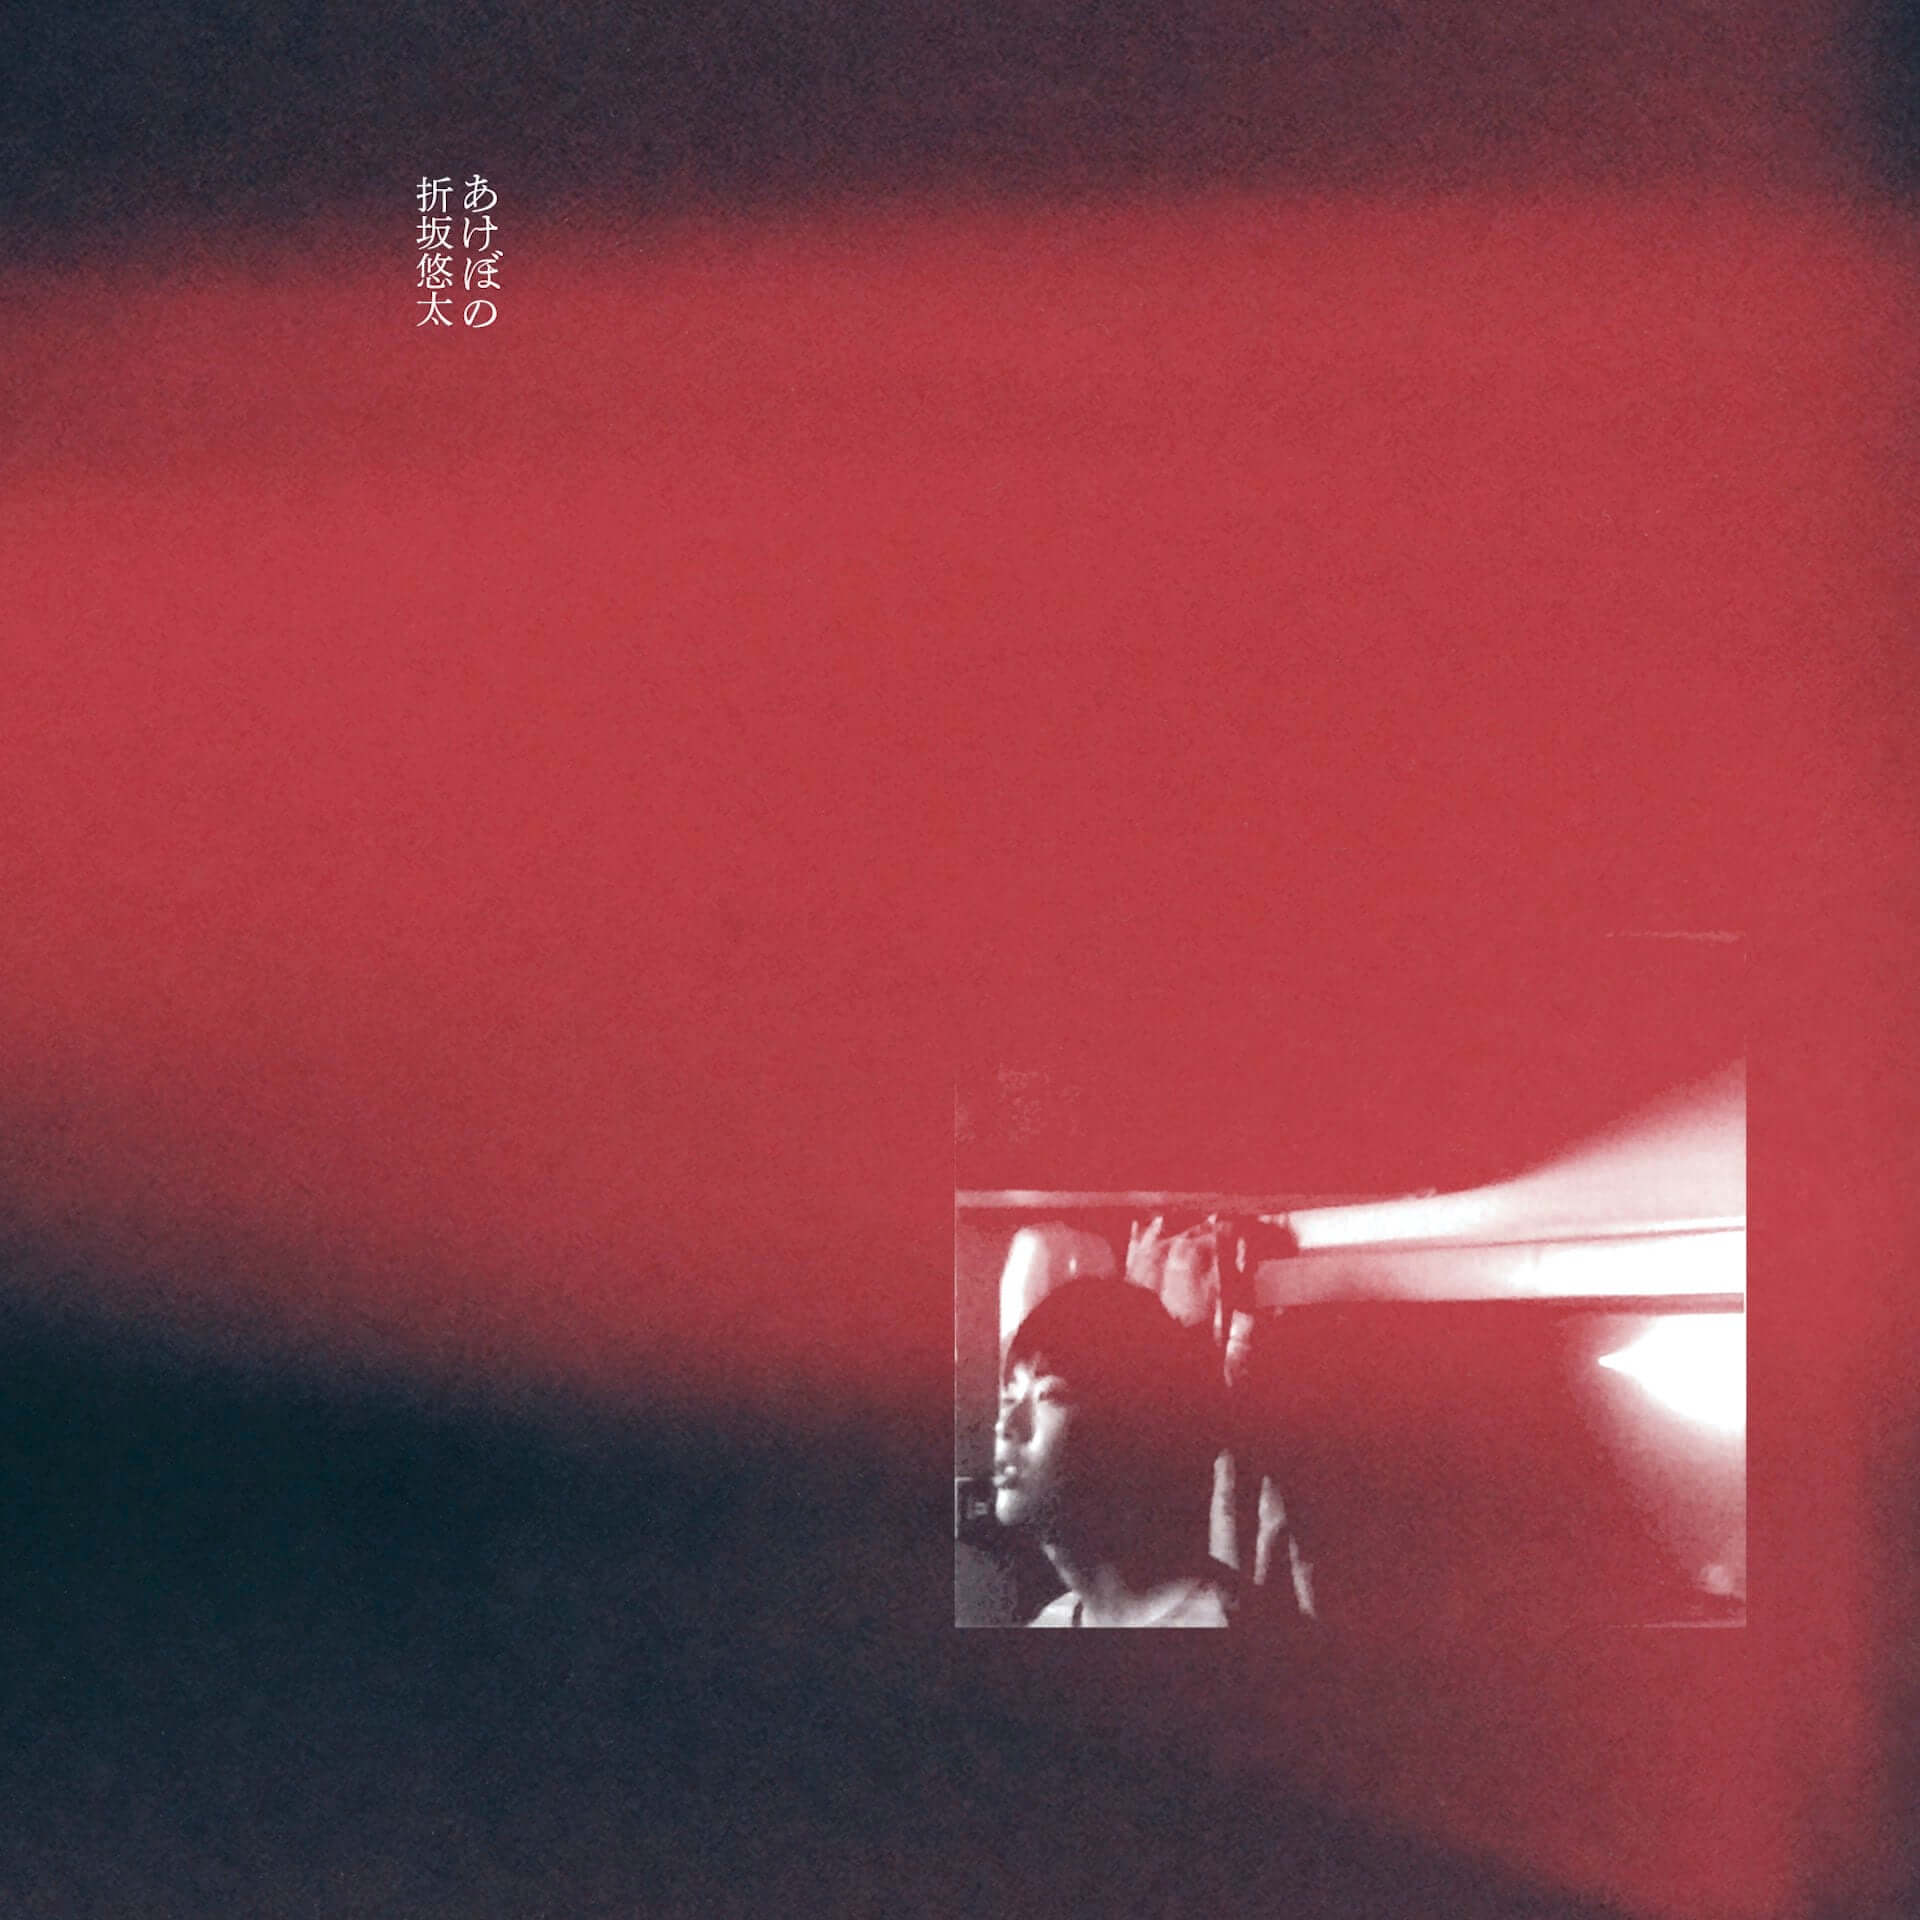 折坂悠太の自主制作作品『あけぼの』と『たむけ』がアナログ盤で発売決定!刷新されたデザインにも注目 music200929_orisakayuta_10-1920x1920